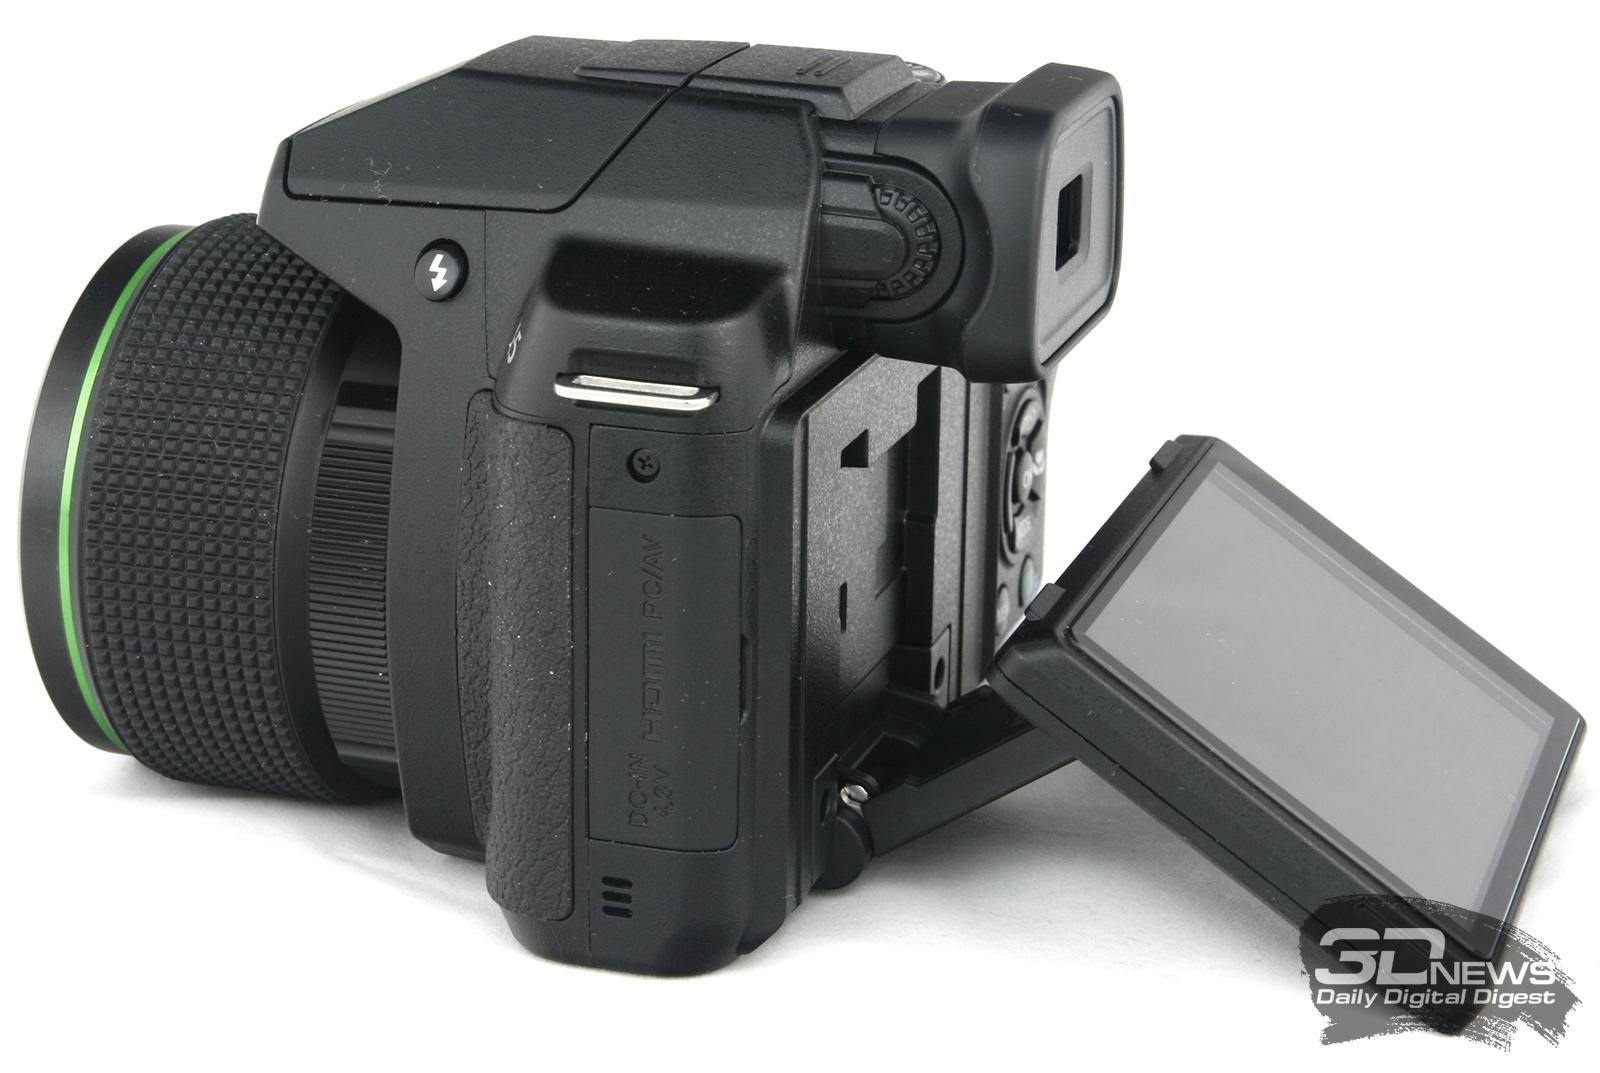 видом функции современных фотоаппаратов екатеринбурге